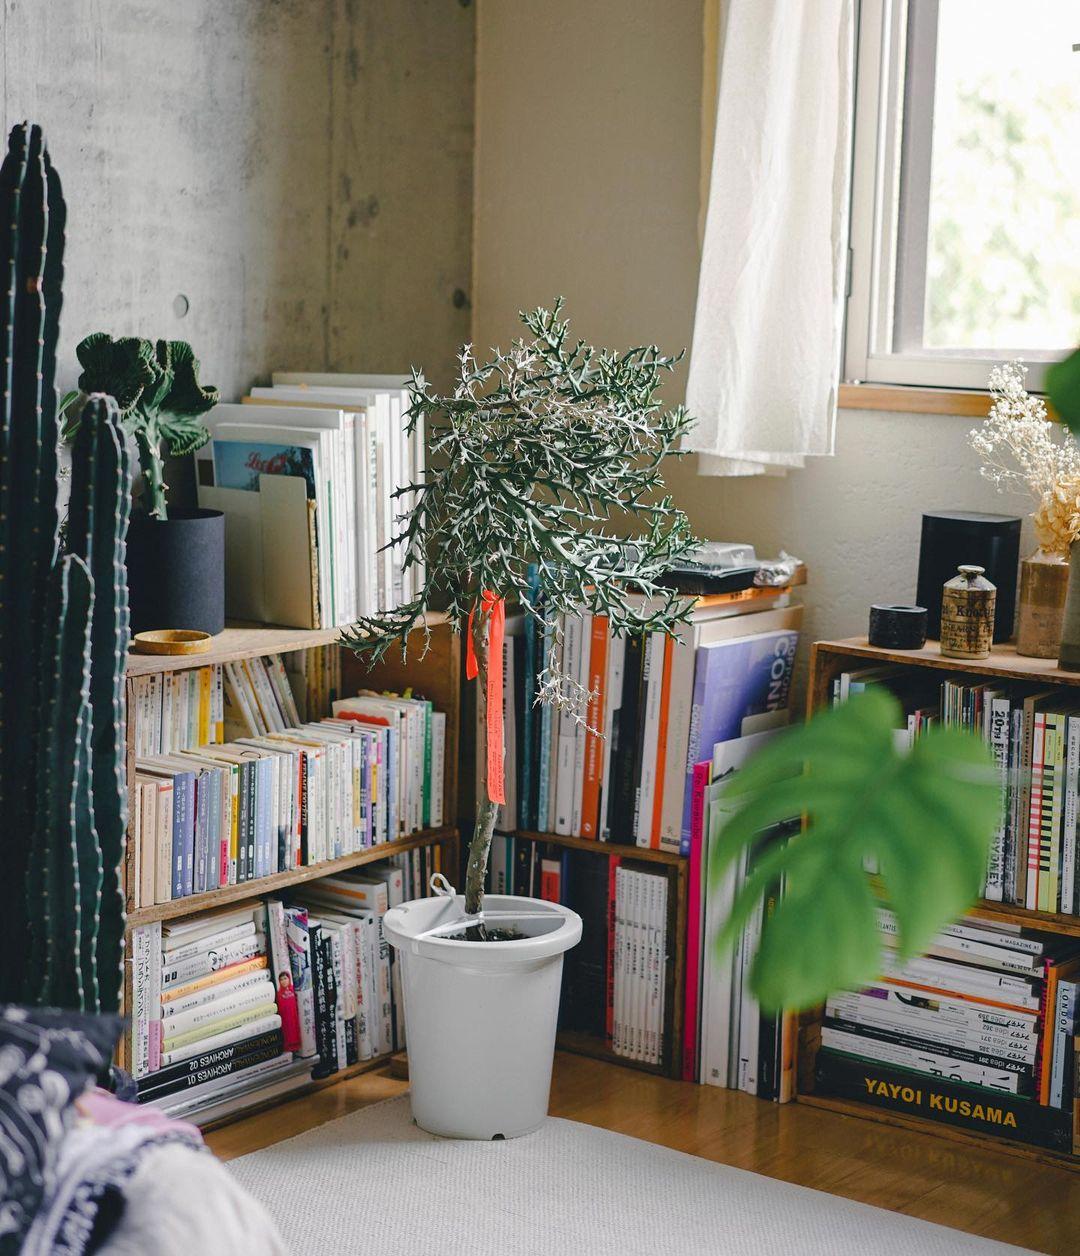 本が山ほどある、デザイナーのお部屋を拝見。ちょうどいい棚がなく、リンゴ箱をうまく組み合わせてさまざまなサイズの本や雑誌を収納するようにしています。背の低い棚にしたことで、窓からの光もよく入ってくるように。